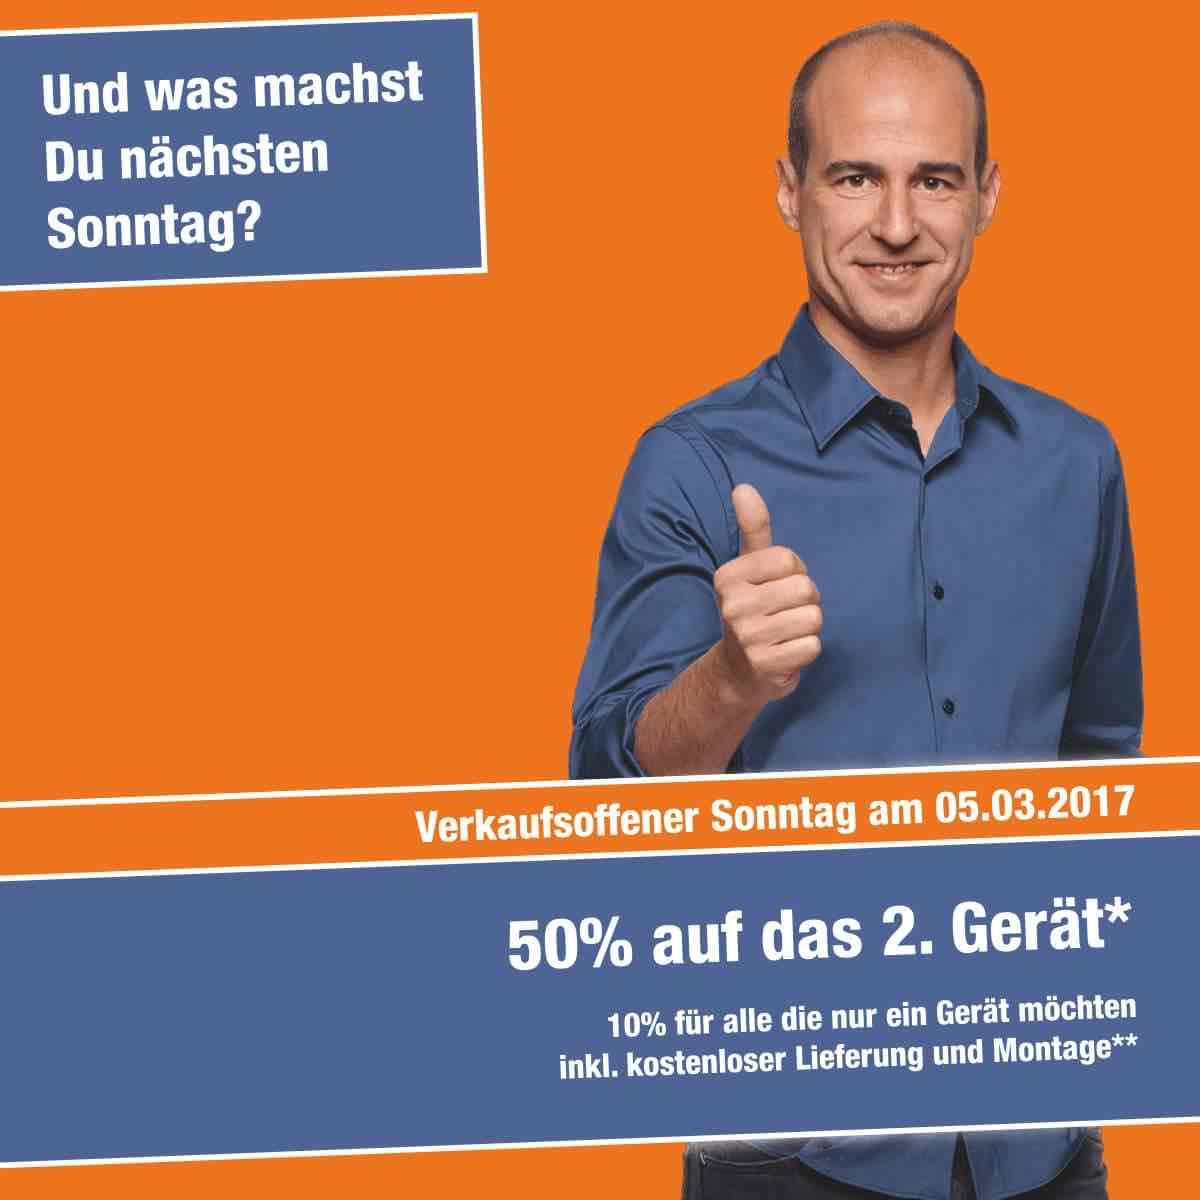 [Lokal][Expert Goslar] 50% auf das zweite Gerät z.B. 2x iPhone 7 128gb für jeweils 651,75€